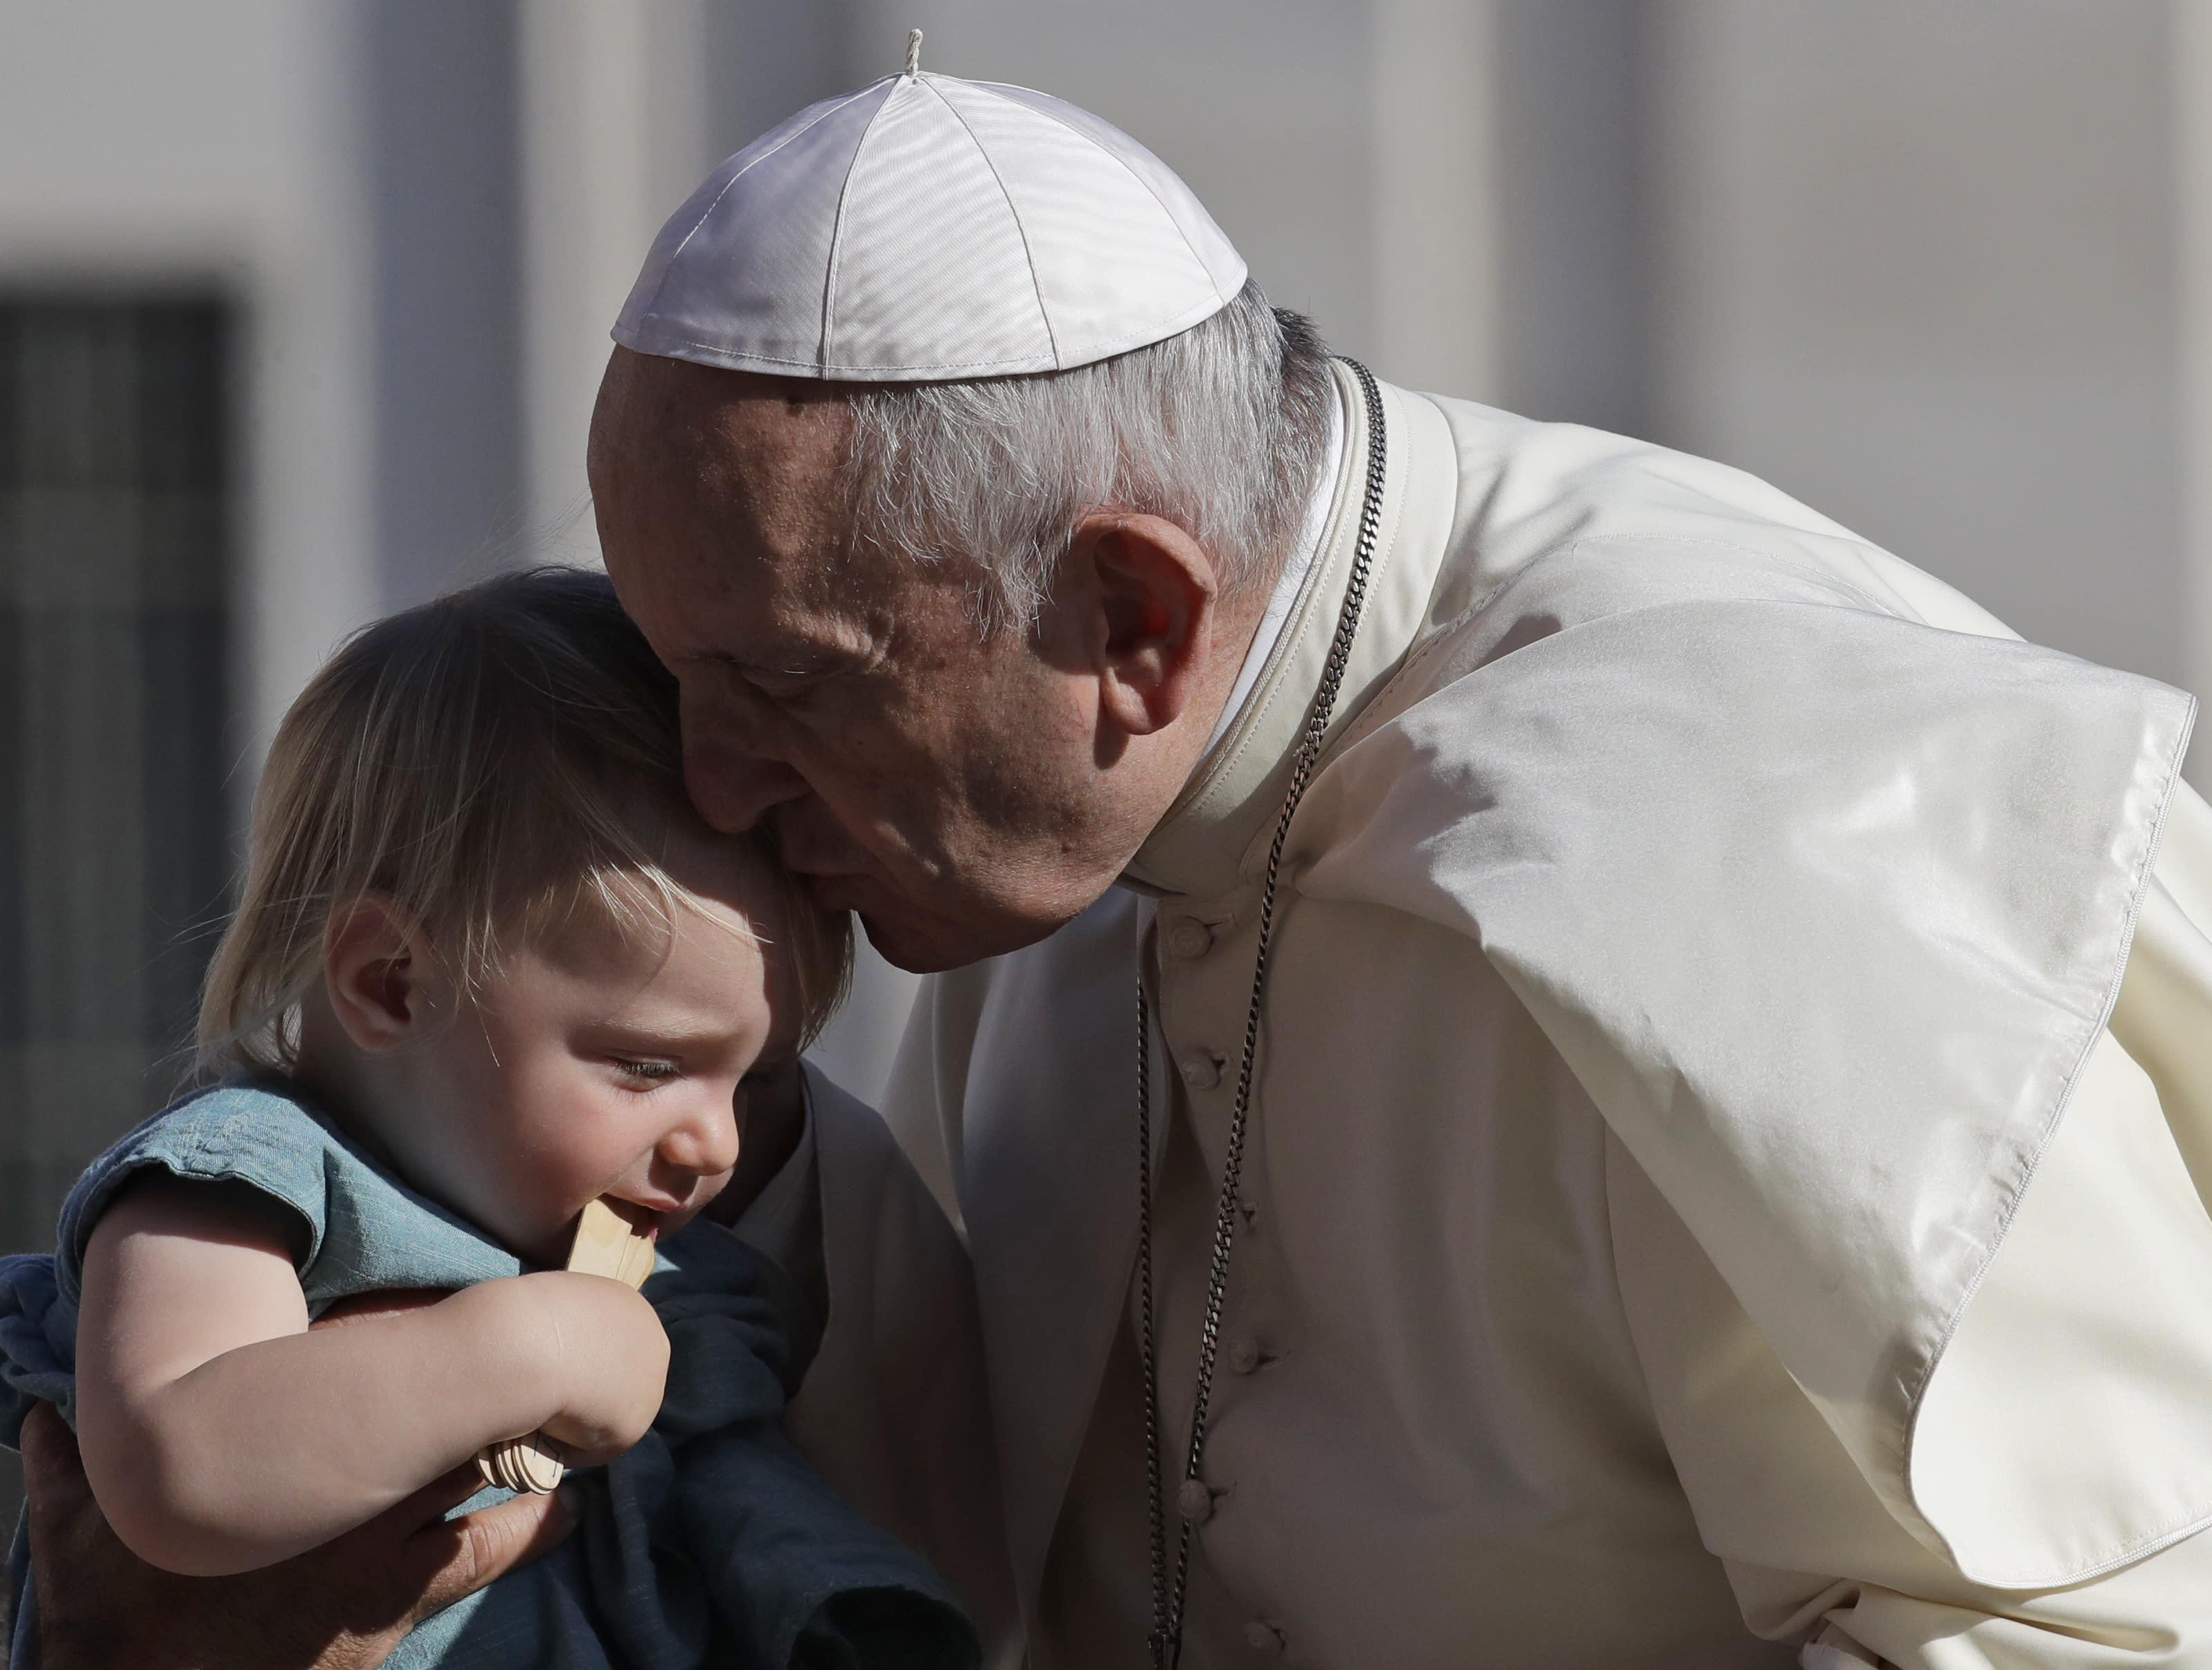 El papa Francisco besa a un niño al arribar a la plaza de San Pedro en el Vaticano para su audiencia general semanal, 5 de septiembre de 2018. (AP Foto/Alessandra Tarantino)